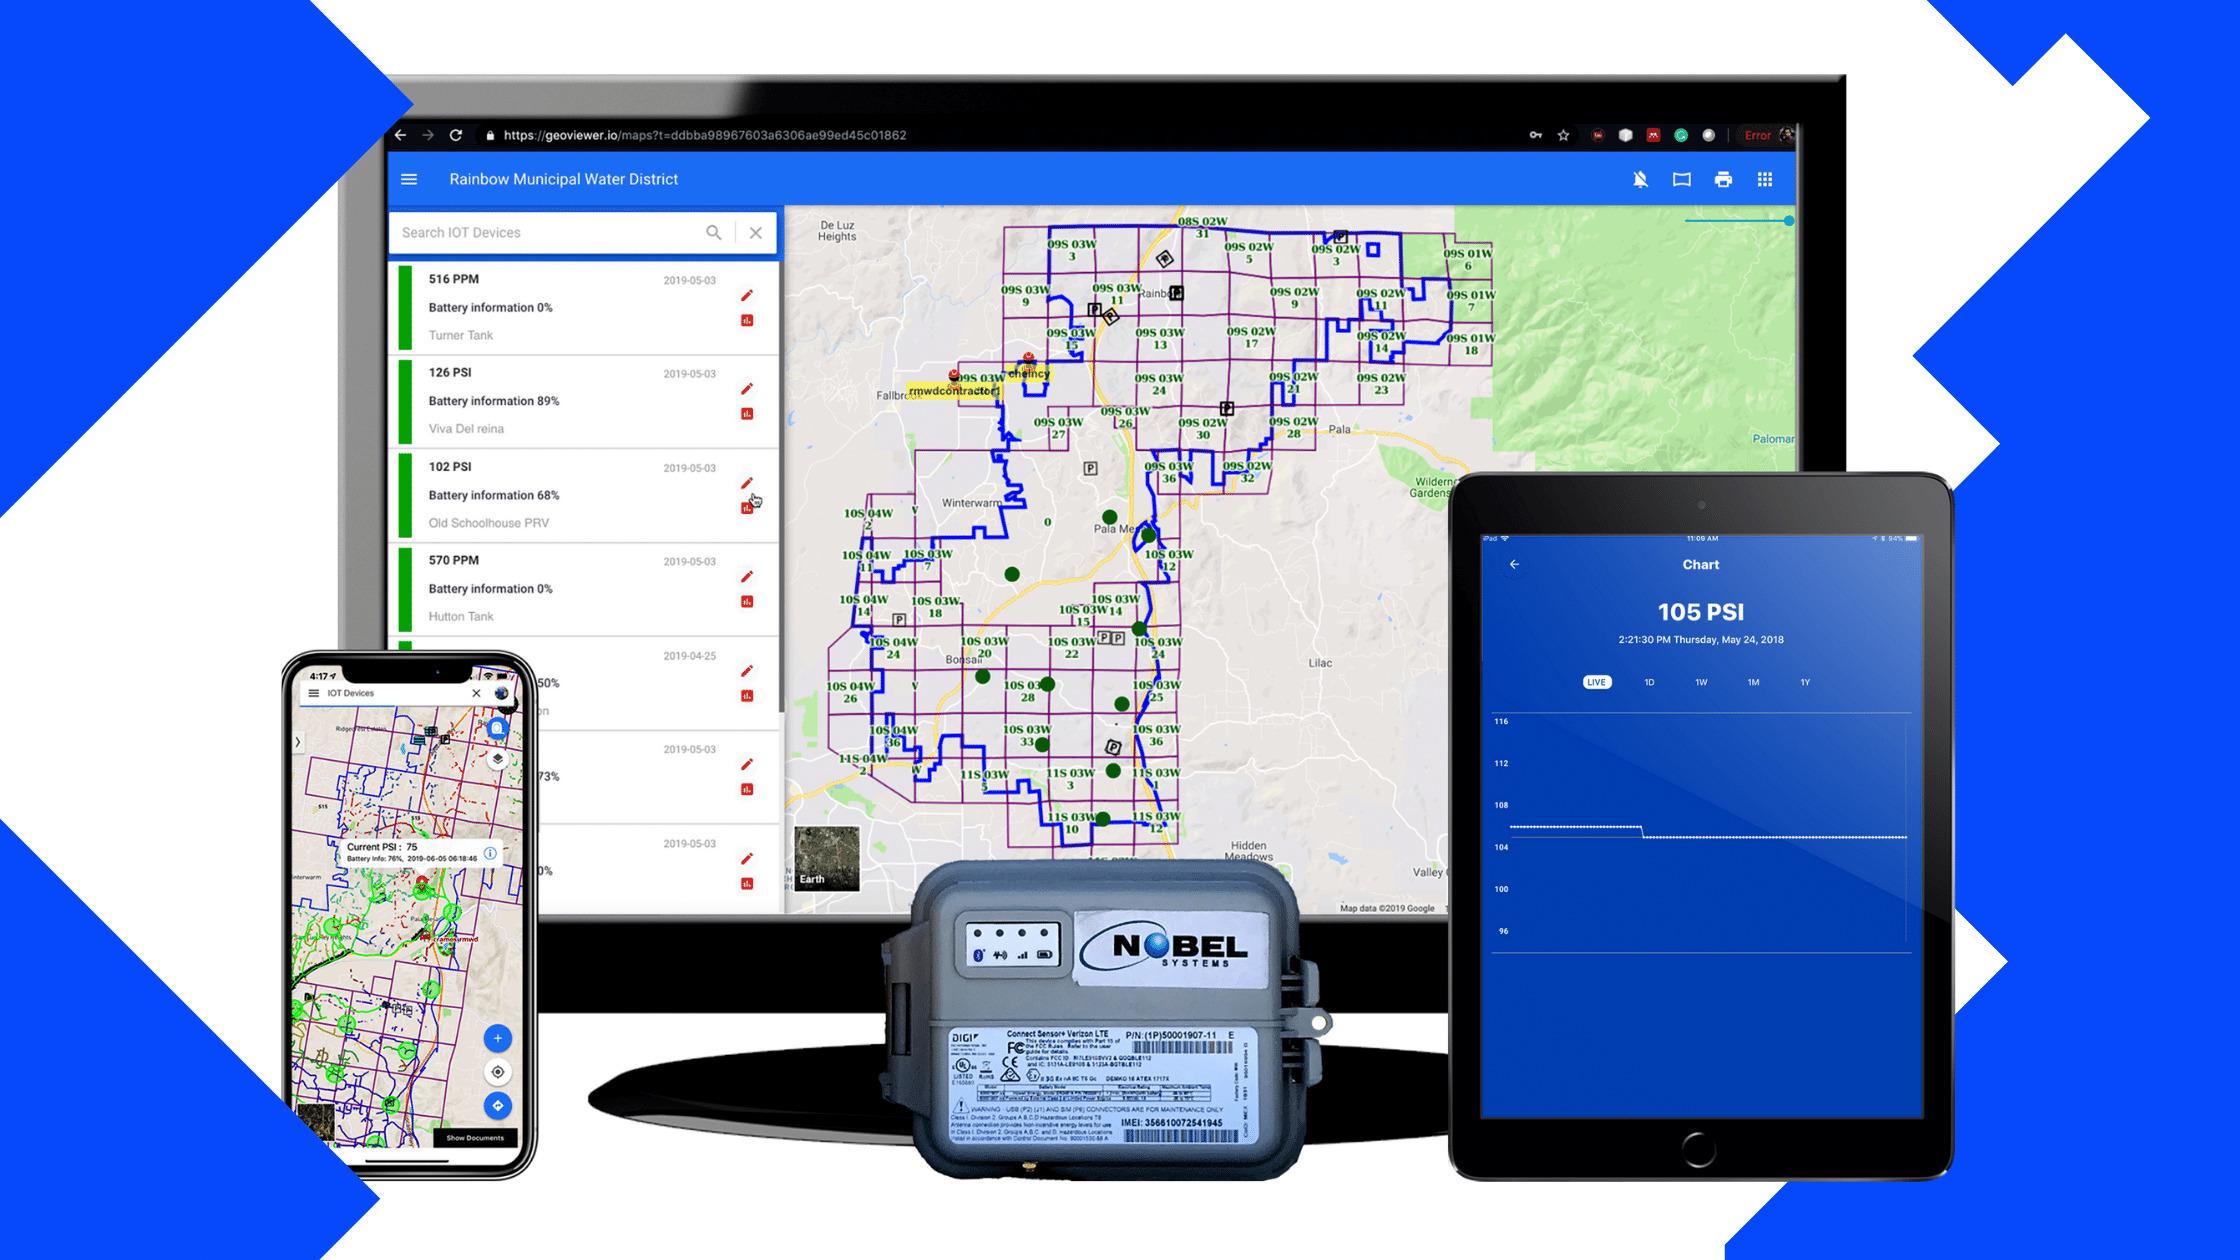 Gardena to streamline GIS planning with GeoViewer